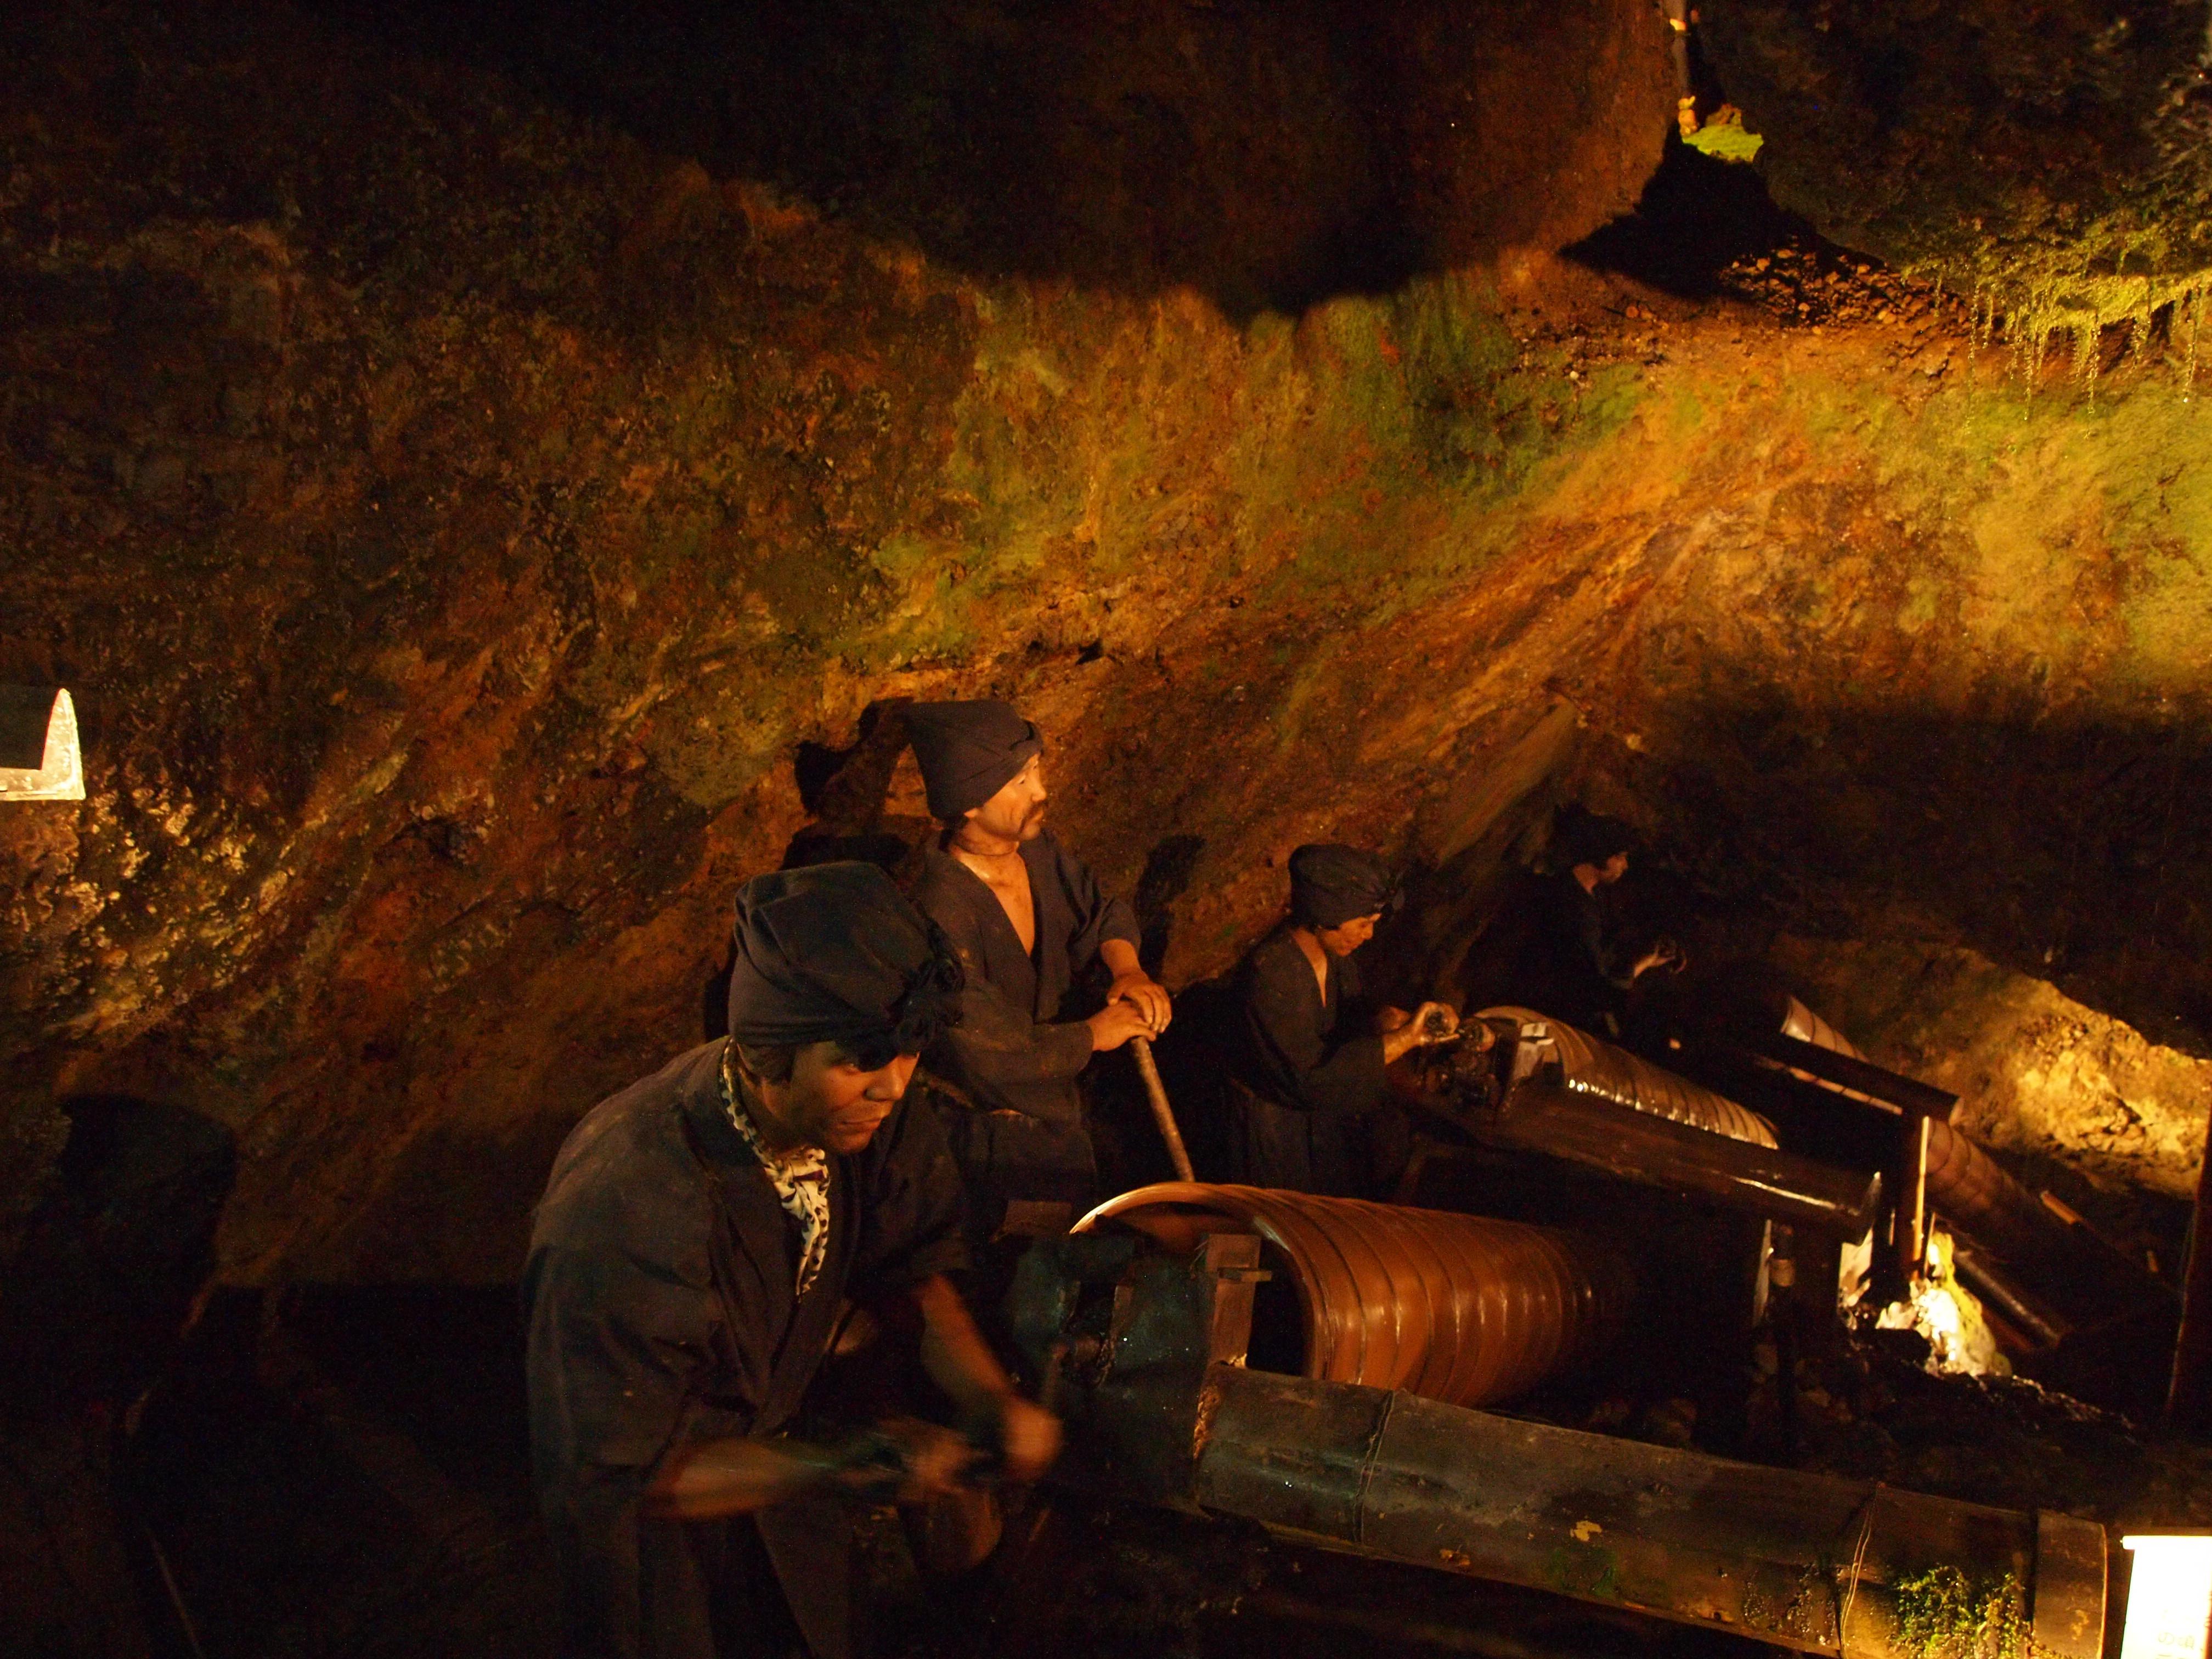 机器人矿工逼真重演当年采矿时的情景。